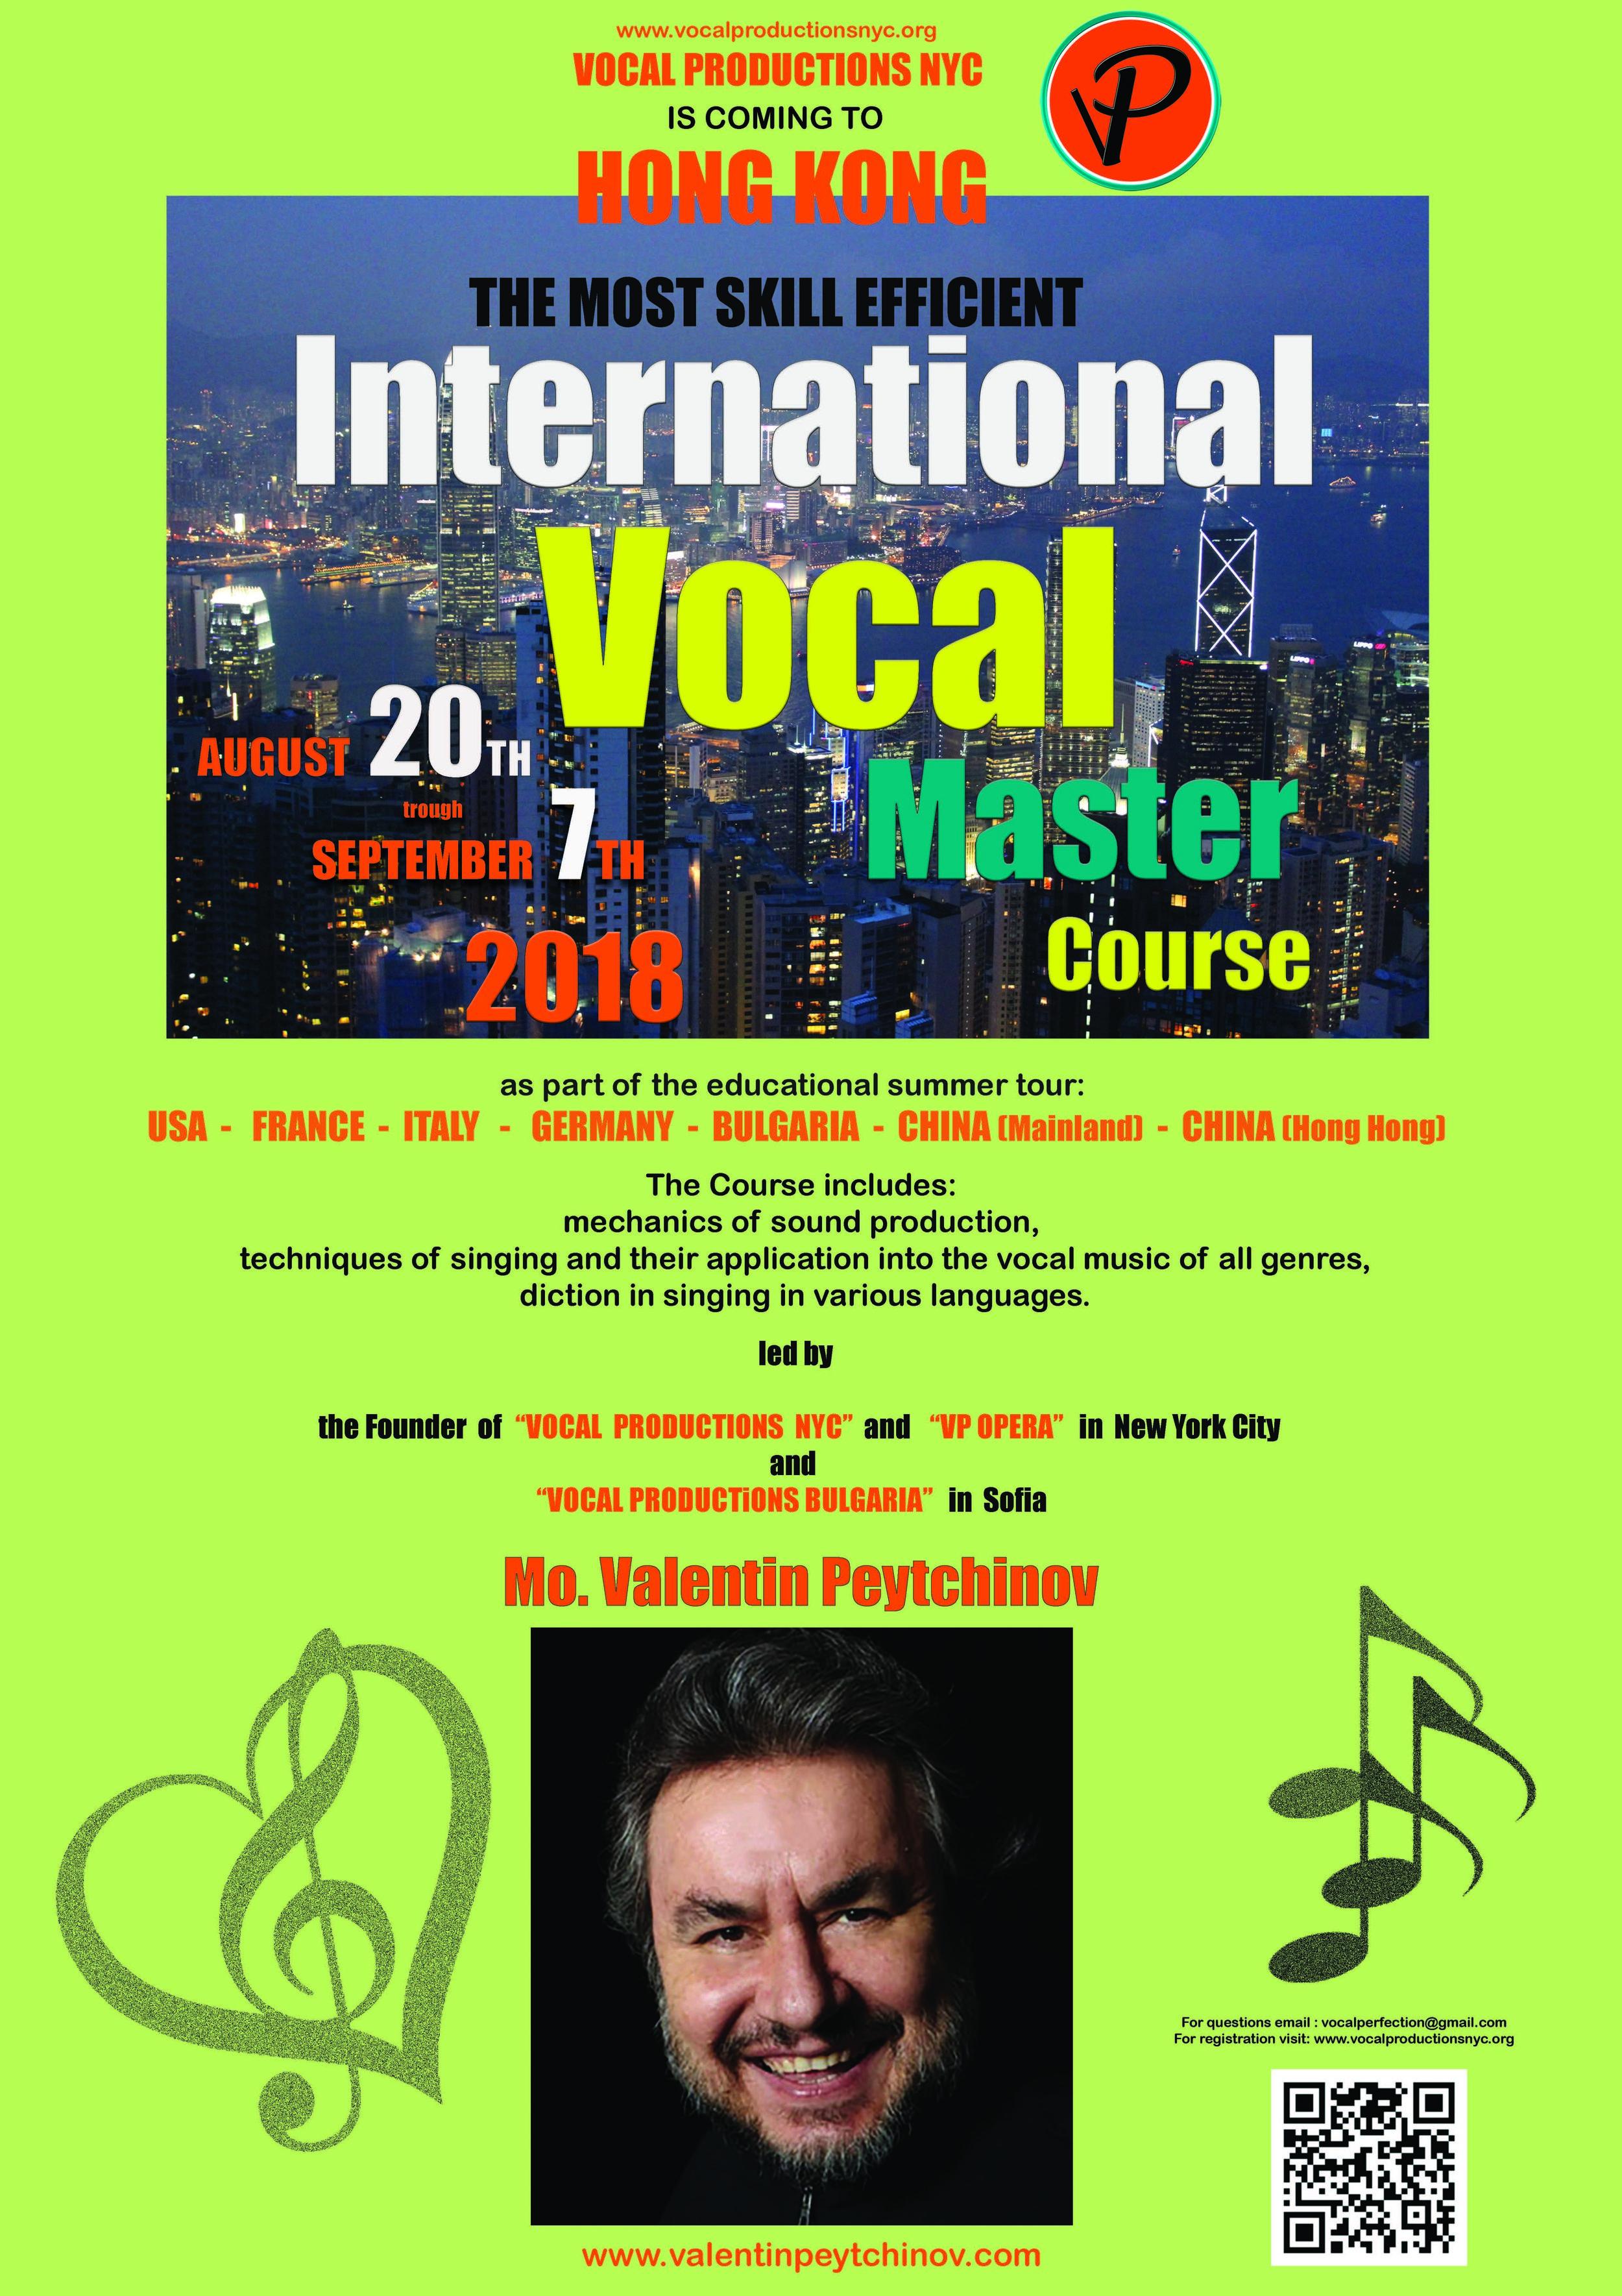 Hong Kong Master Course 2018 Poster final (1).jpg